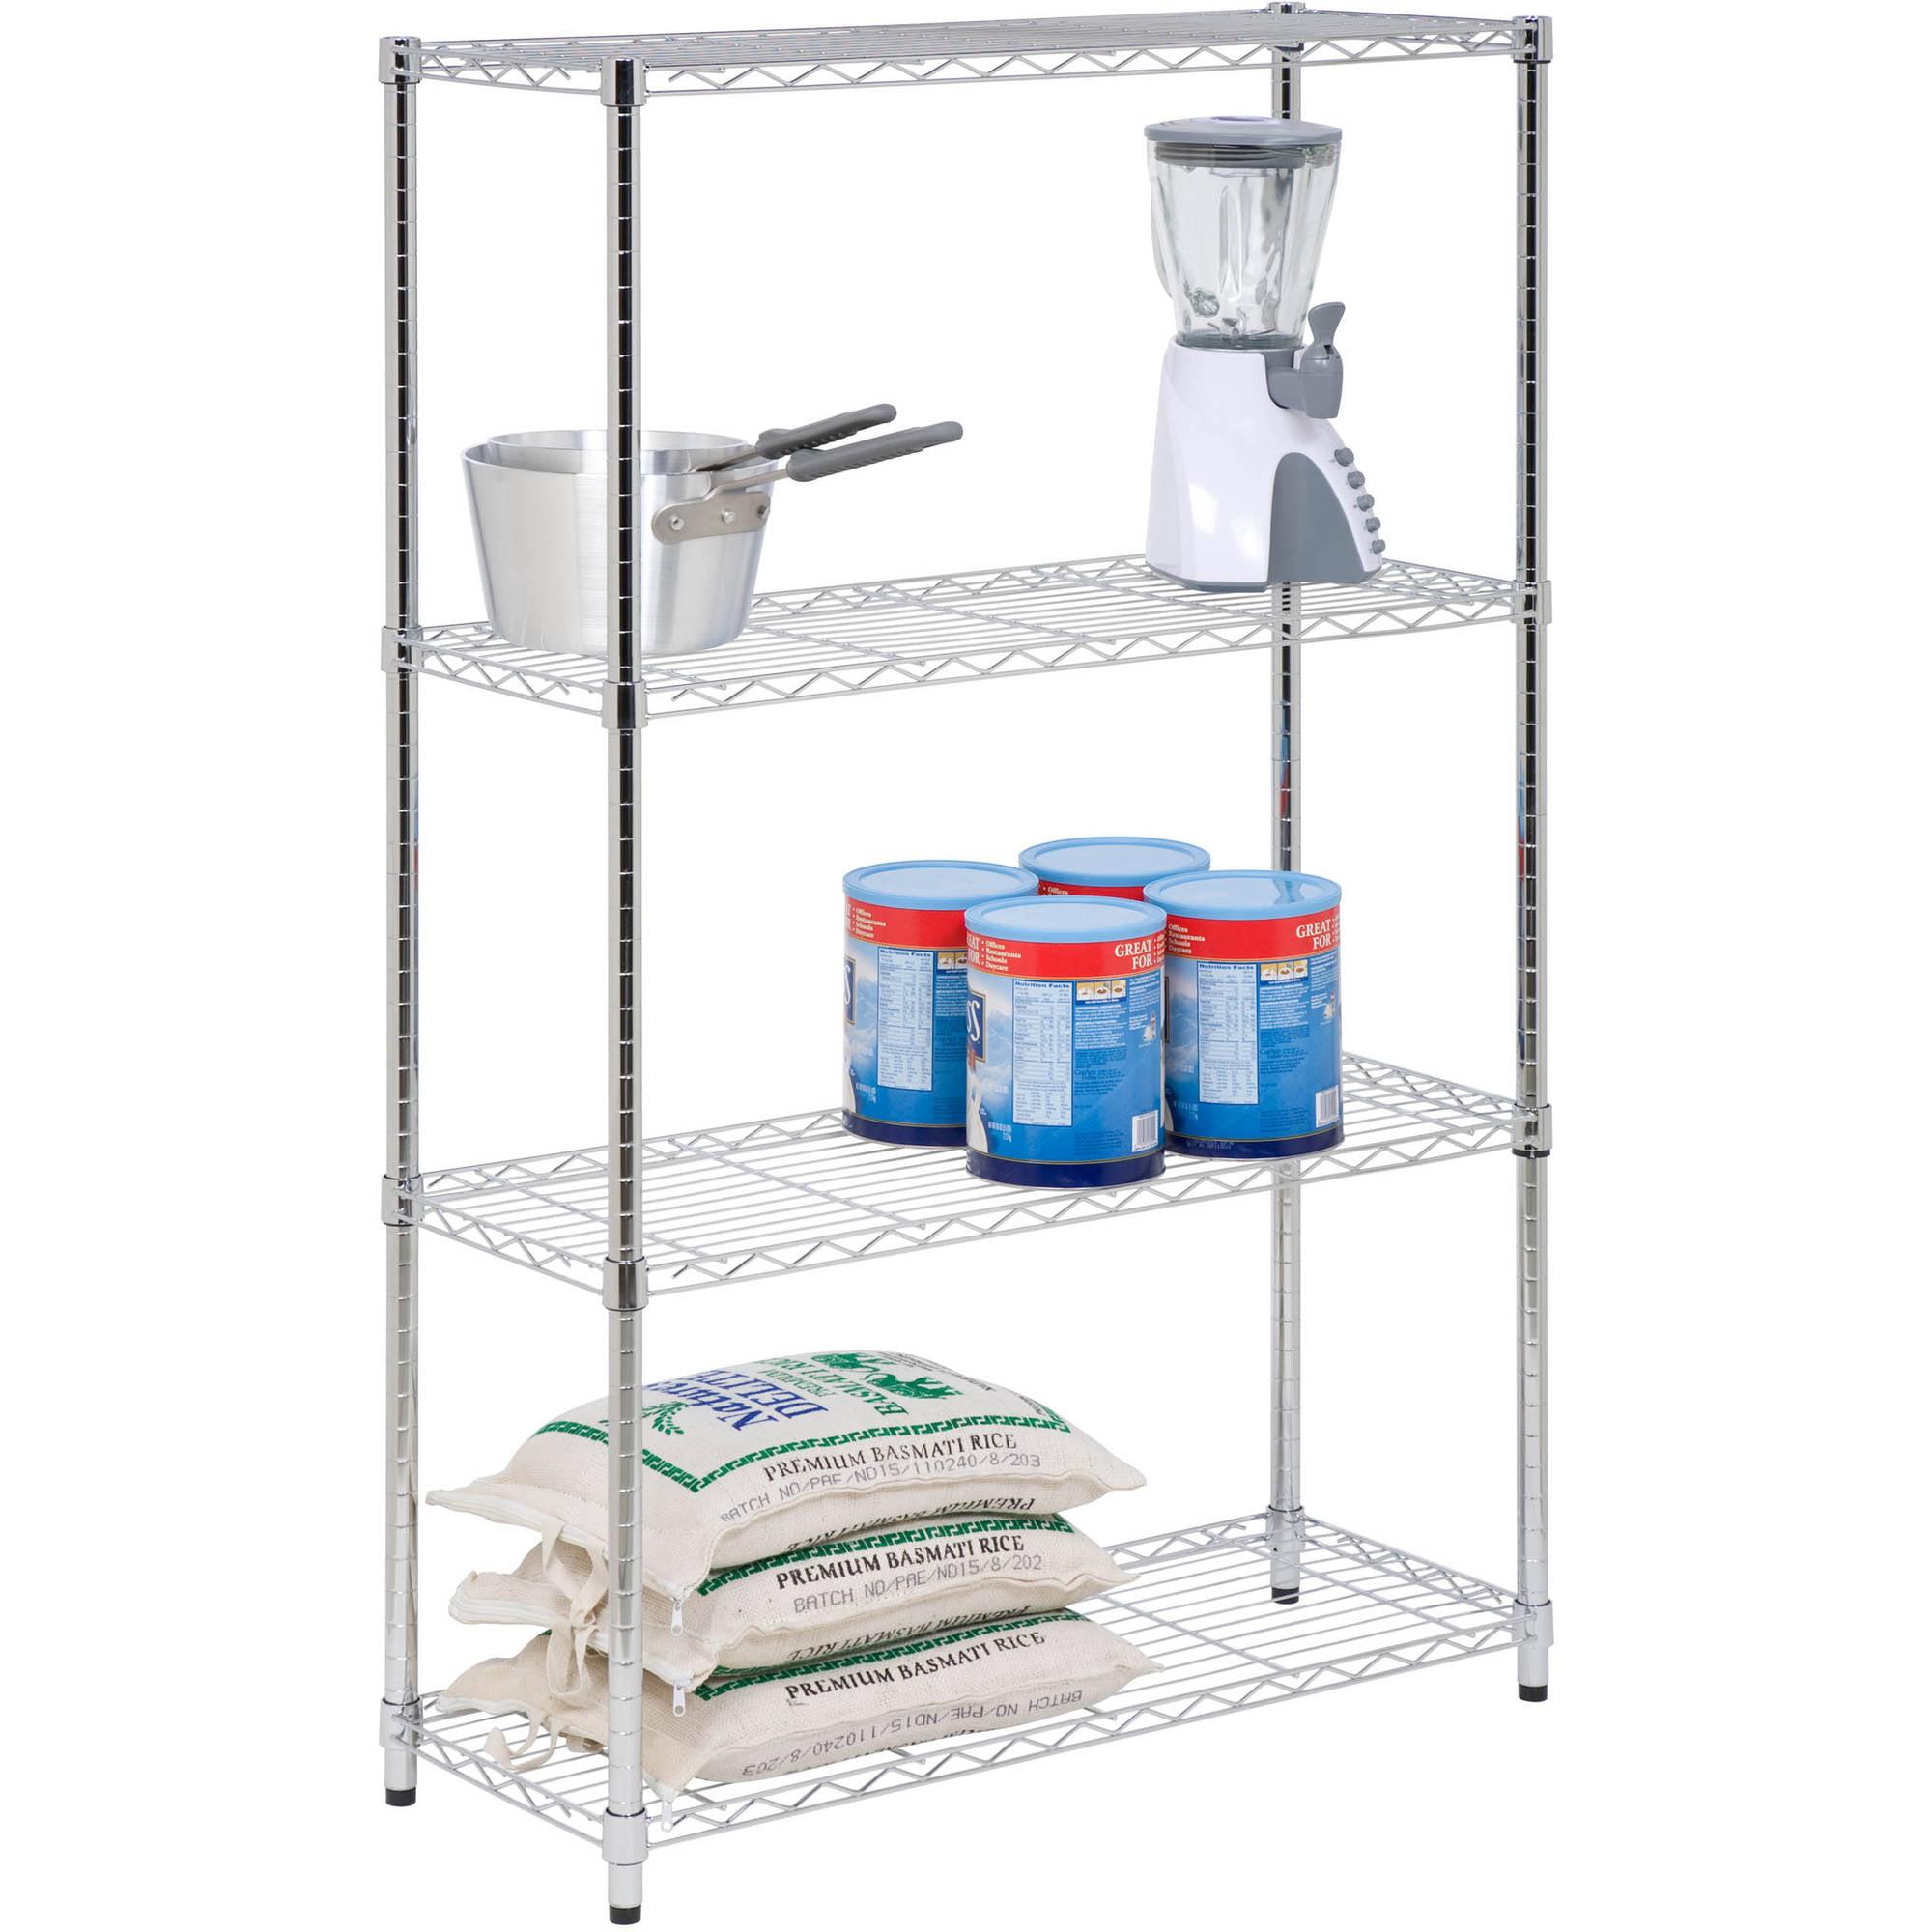 Honey Can Do 4-Shelf Steel Storage Shelving Unit, Chrome - Walmart.com